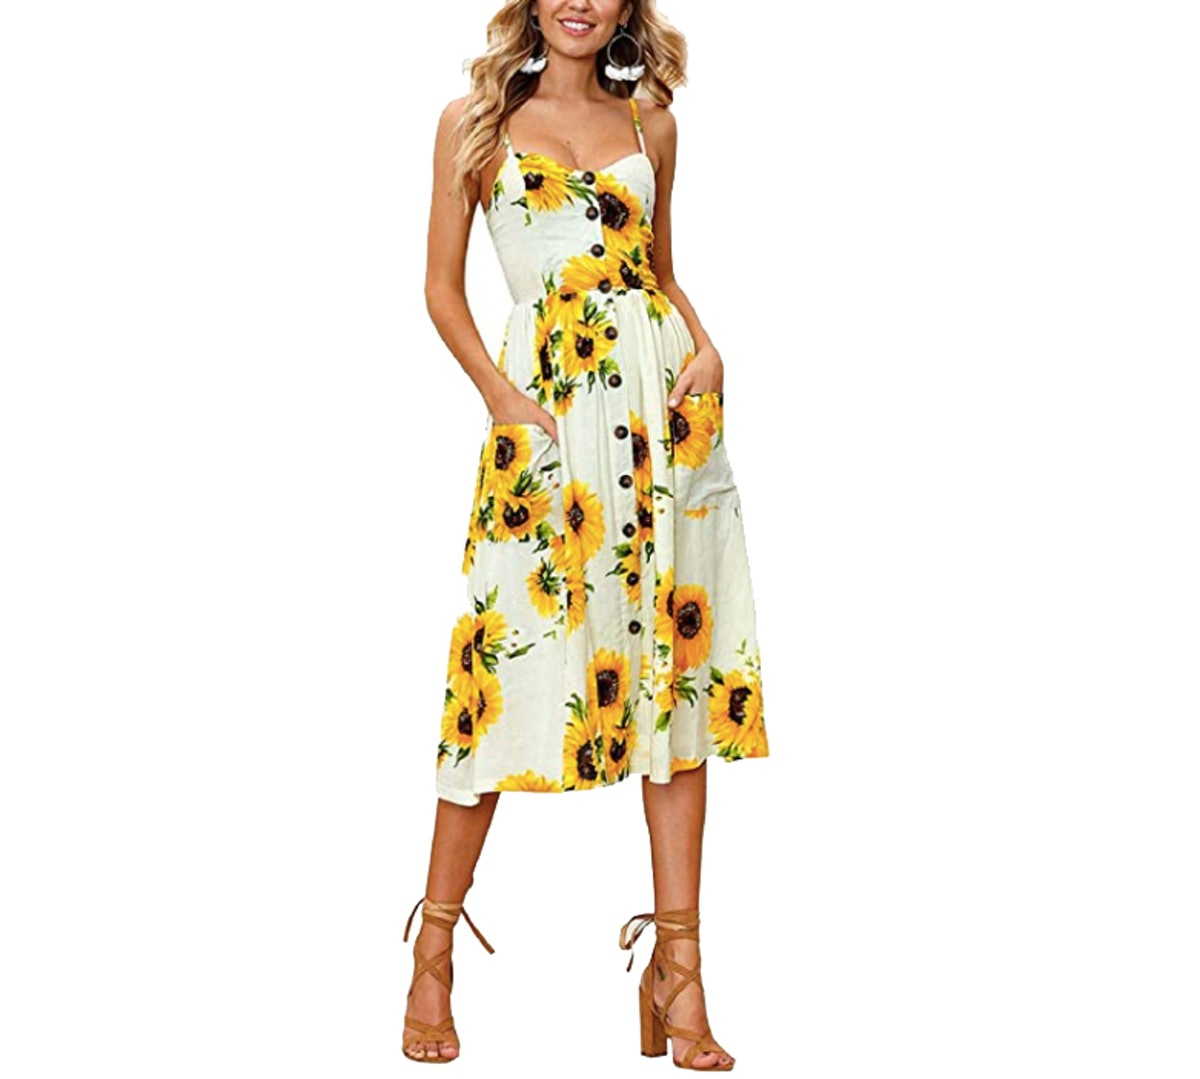 SWQZVT Women's Dress